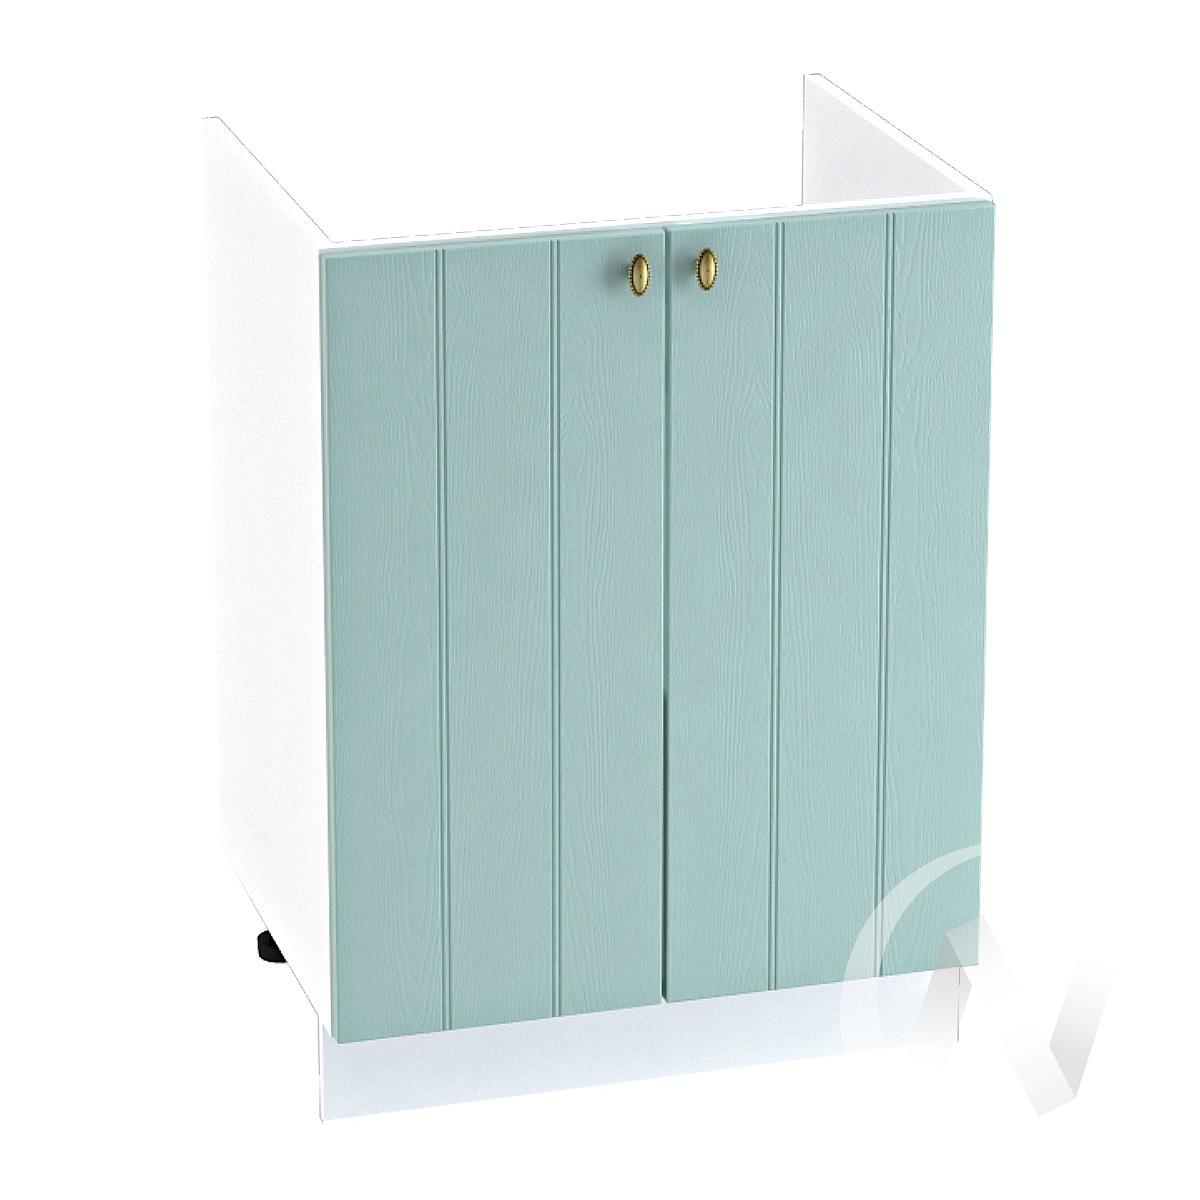 """Кухня """"Прованс"""": Шкаф нижний под мойку 600, ШНМ 600 (голубой/корпус белый)"""